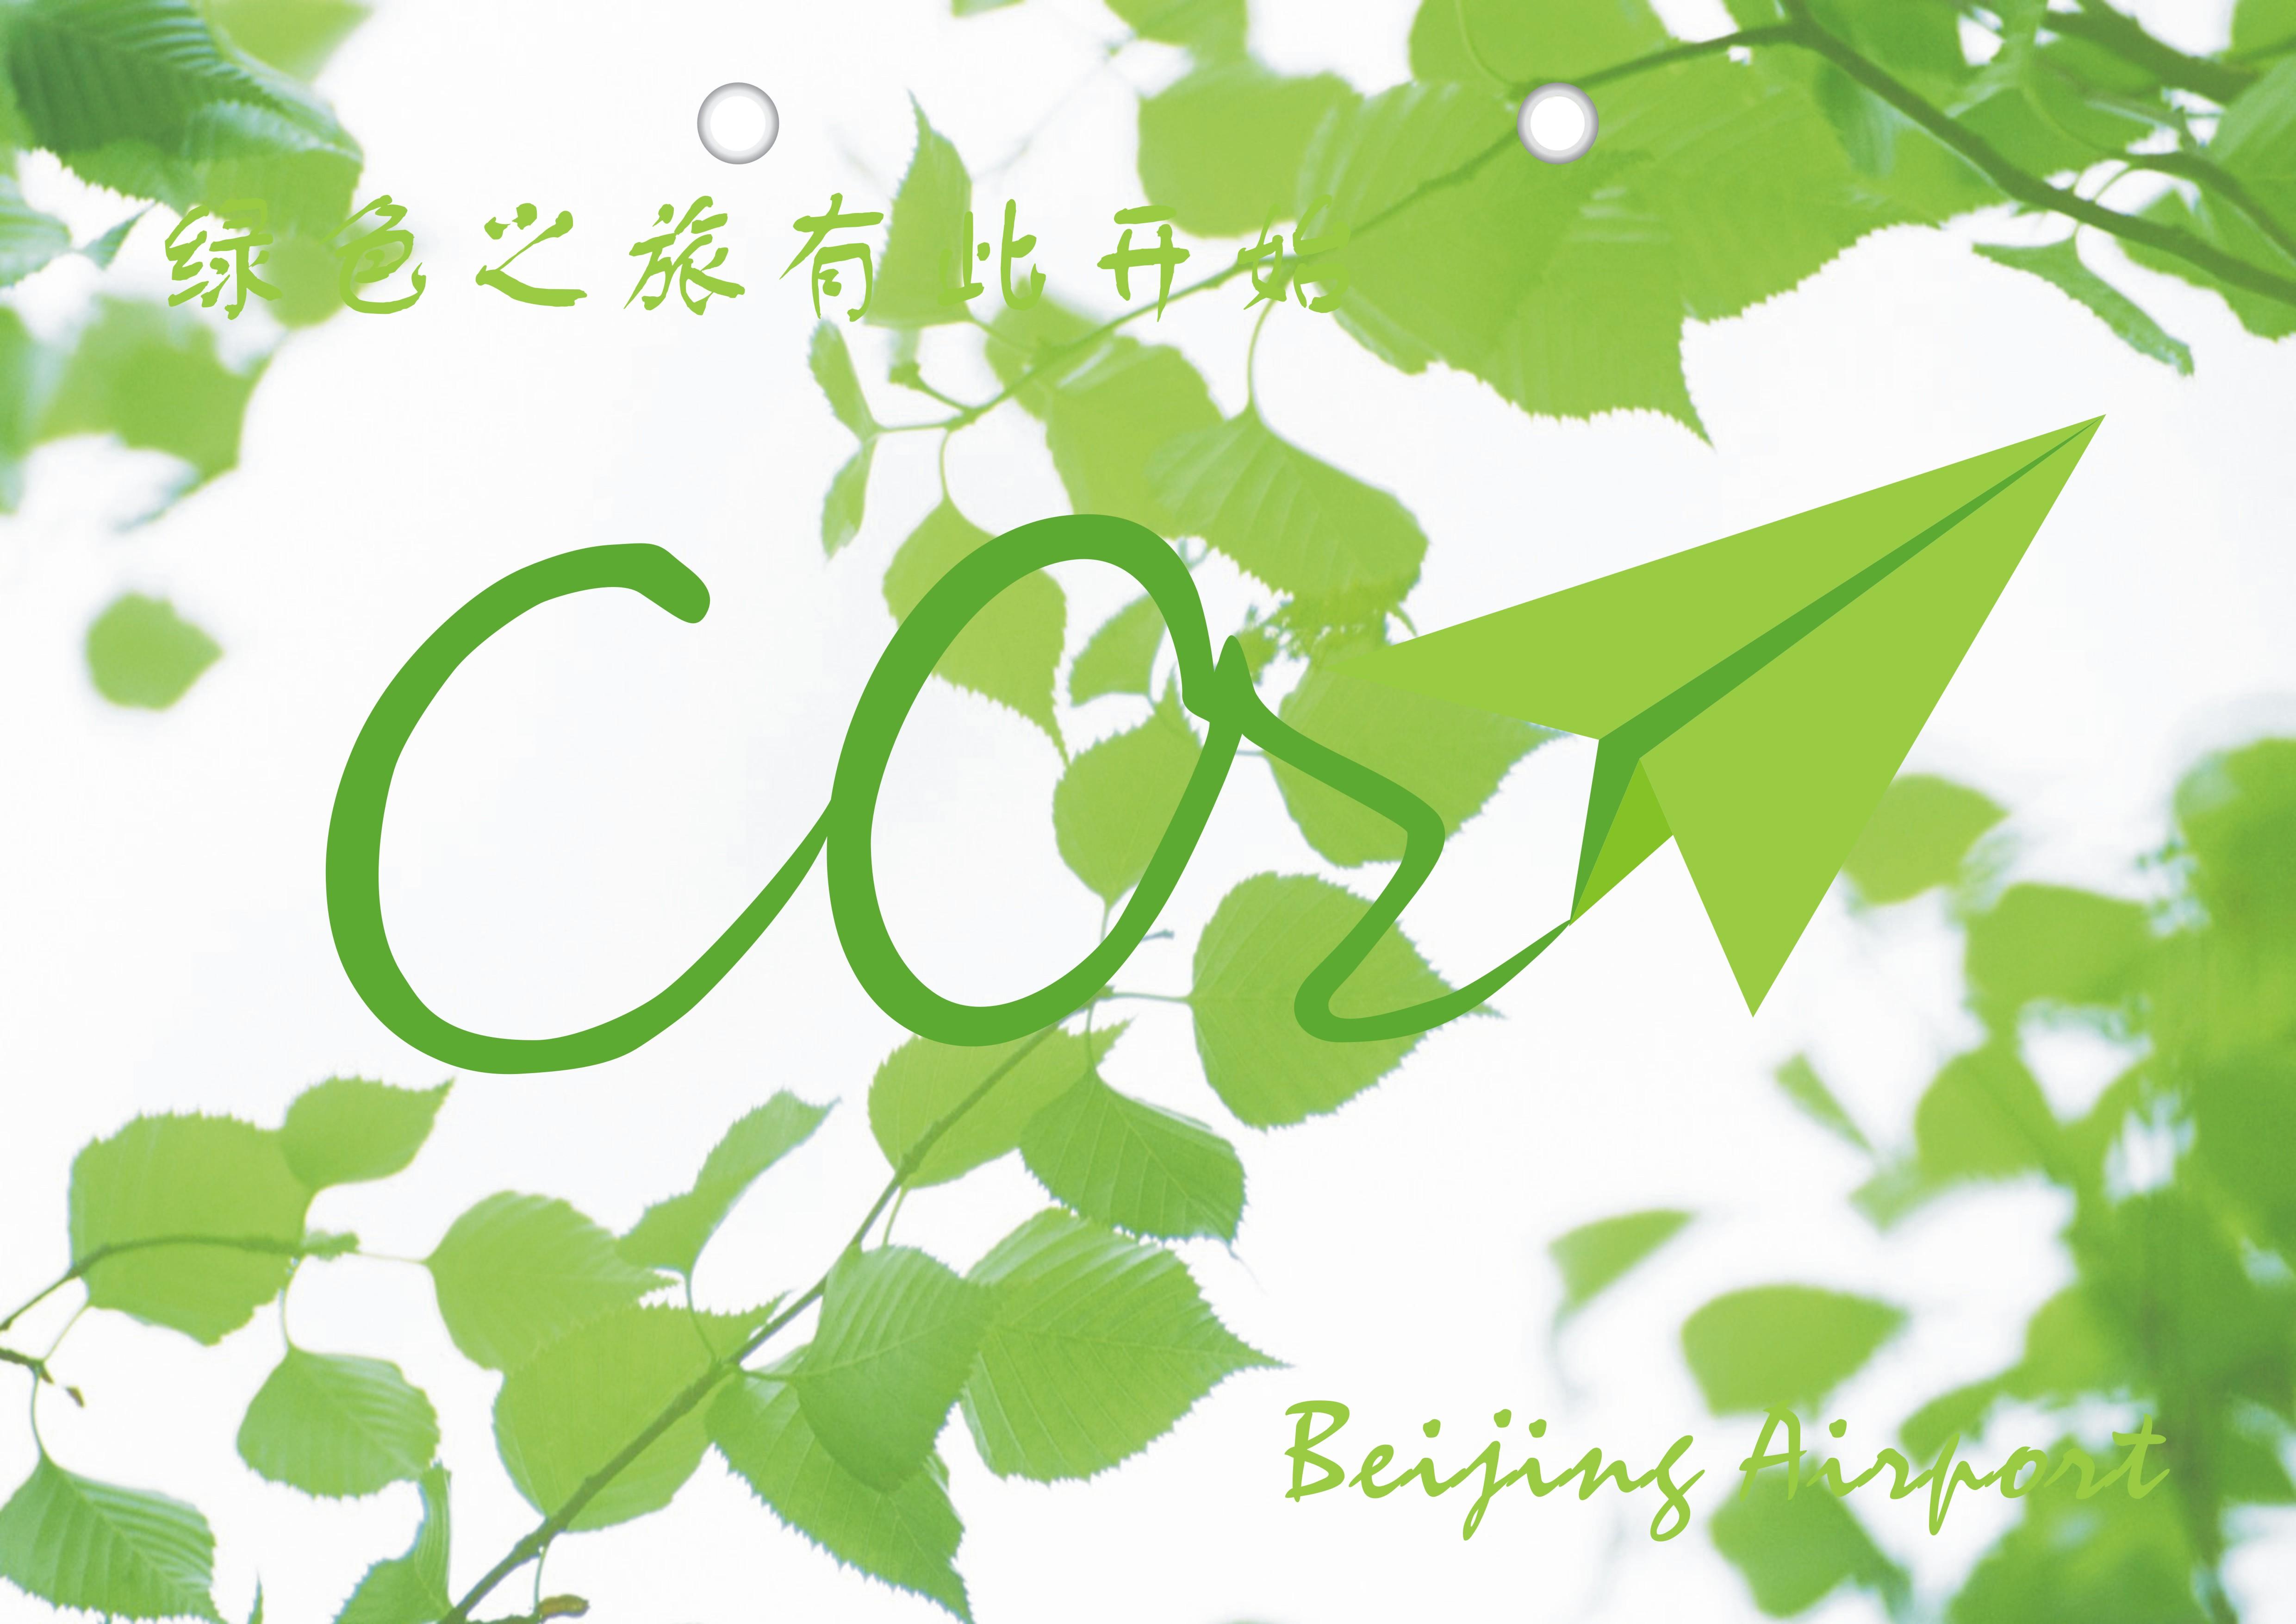 背景 壁纸 绿色 绿叶 设计 矢量 矢量图 树叶 素材 植物 桌面 4961